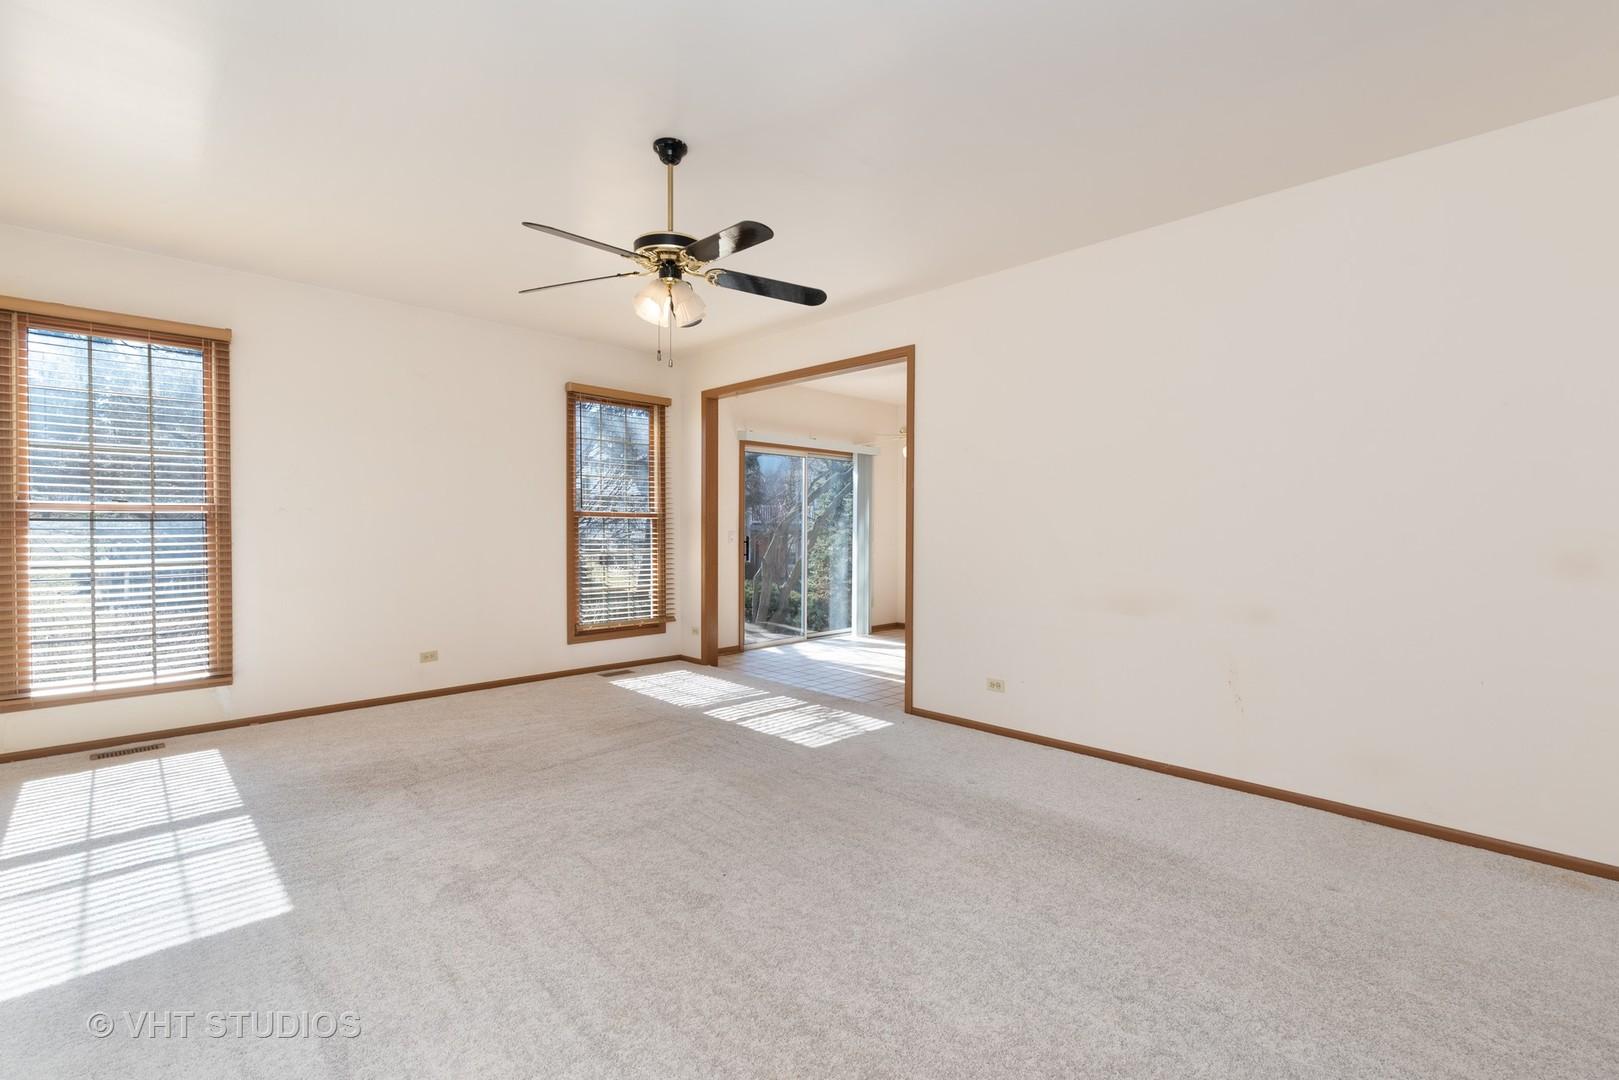 645 DOGLEG, BARTLETT, Illinois, 60103